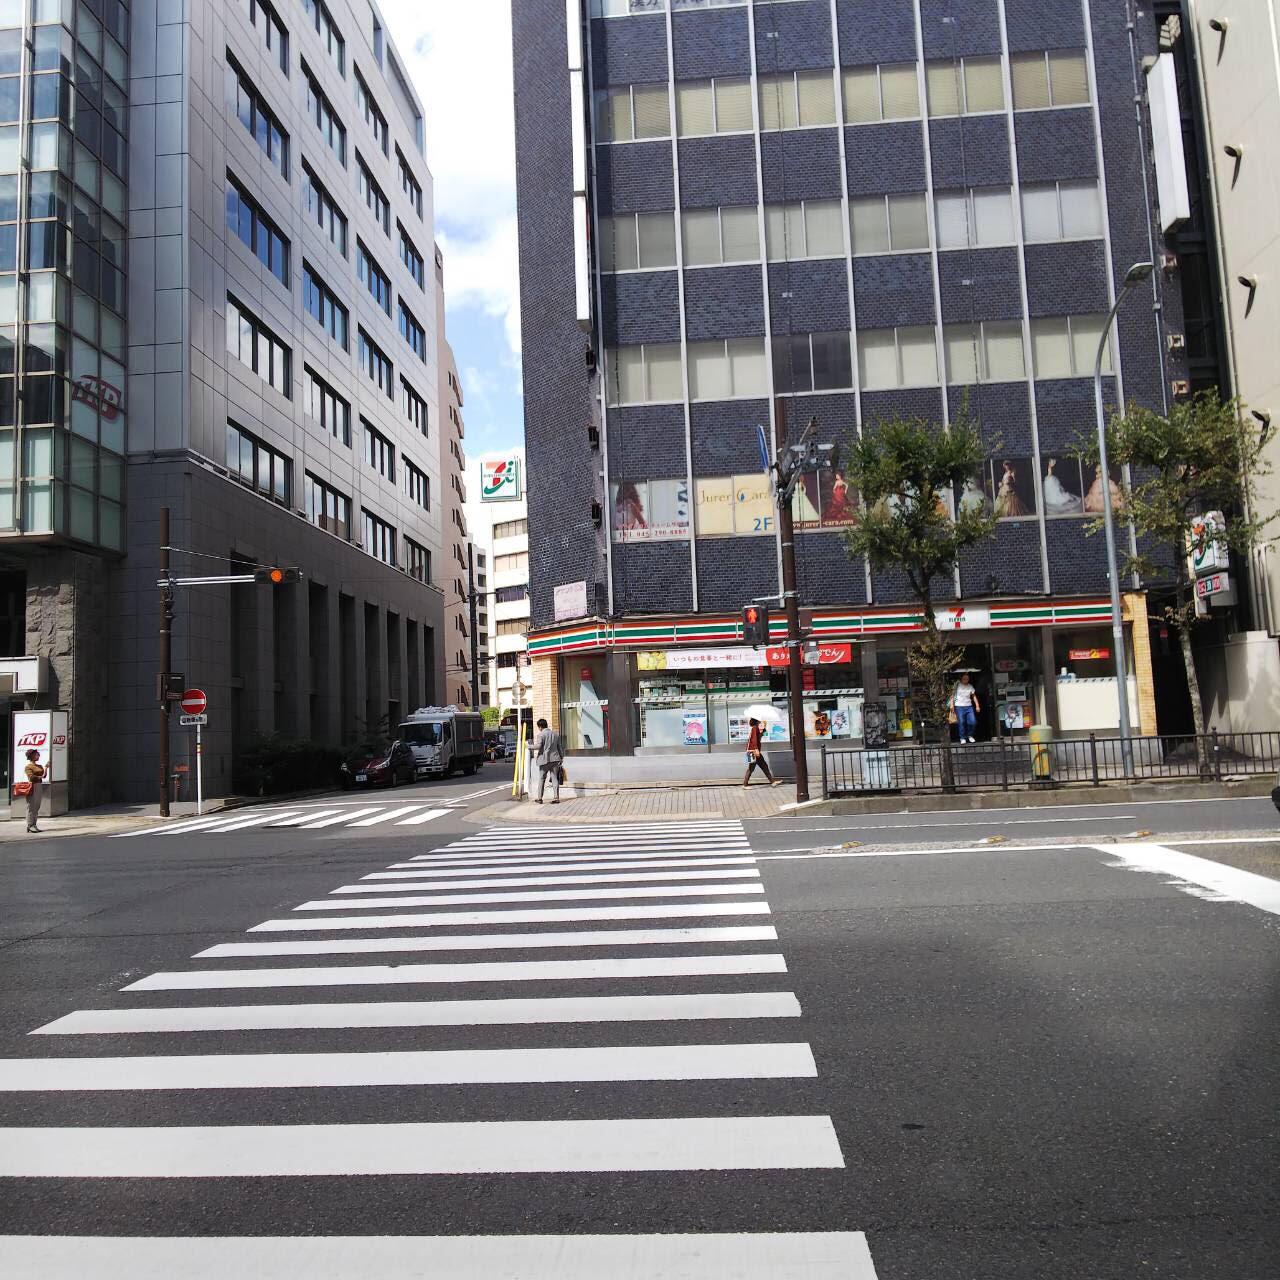 6.反対車線にセブンイレブンが見えてきたら、横断歩道を渡ります。反対車線に渡ったら大通りの道なりに進みます。